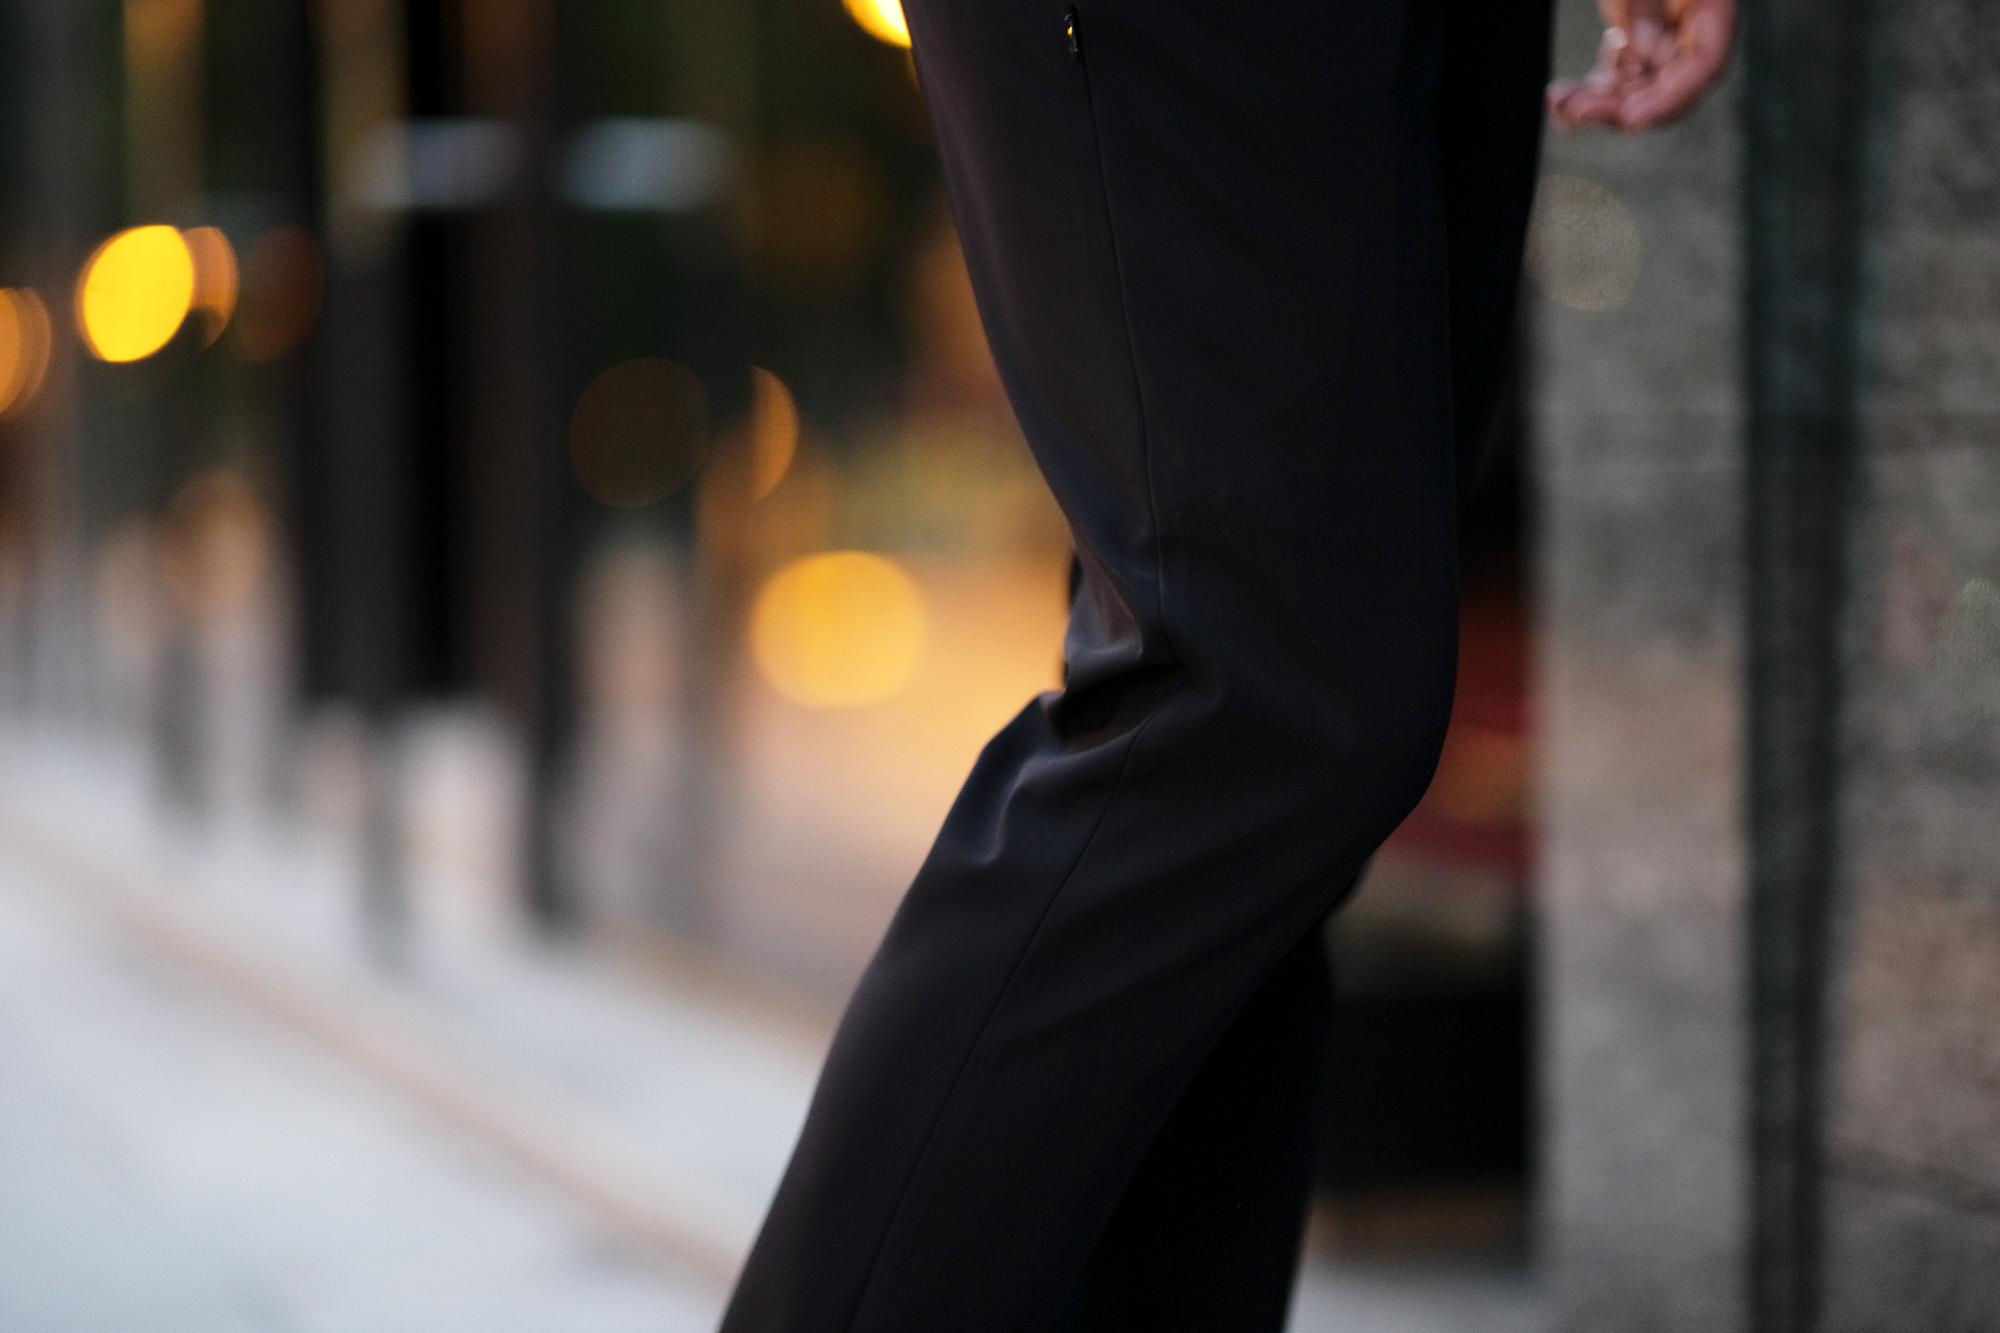 PT TORINO(ピーティートリノ)  Active (アクティブ) KULT BETA ストレッチ ウォッシャブル ナイロン ワンプリーツ スラックス BLACK (ブラック・0990) 2020 秋冬新作愛知 名古屋 altoediritto アルトエデリット